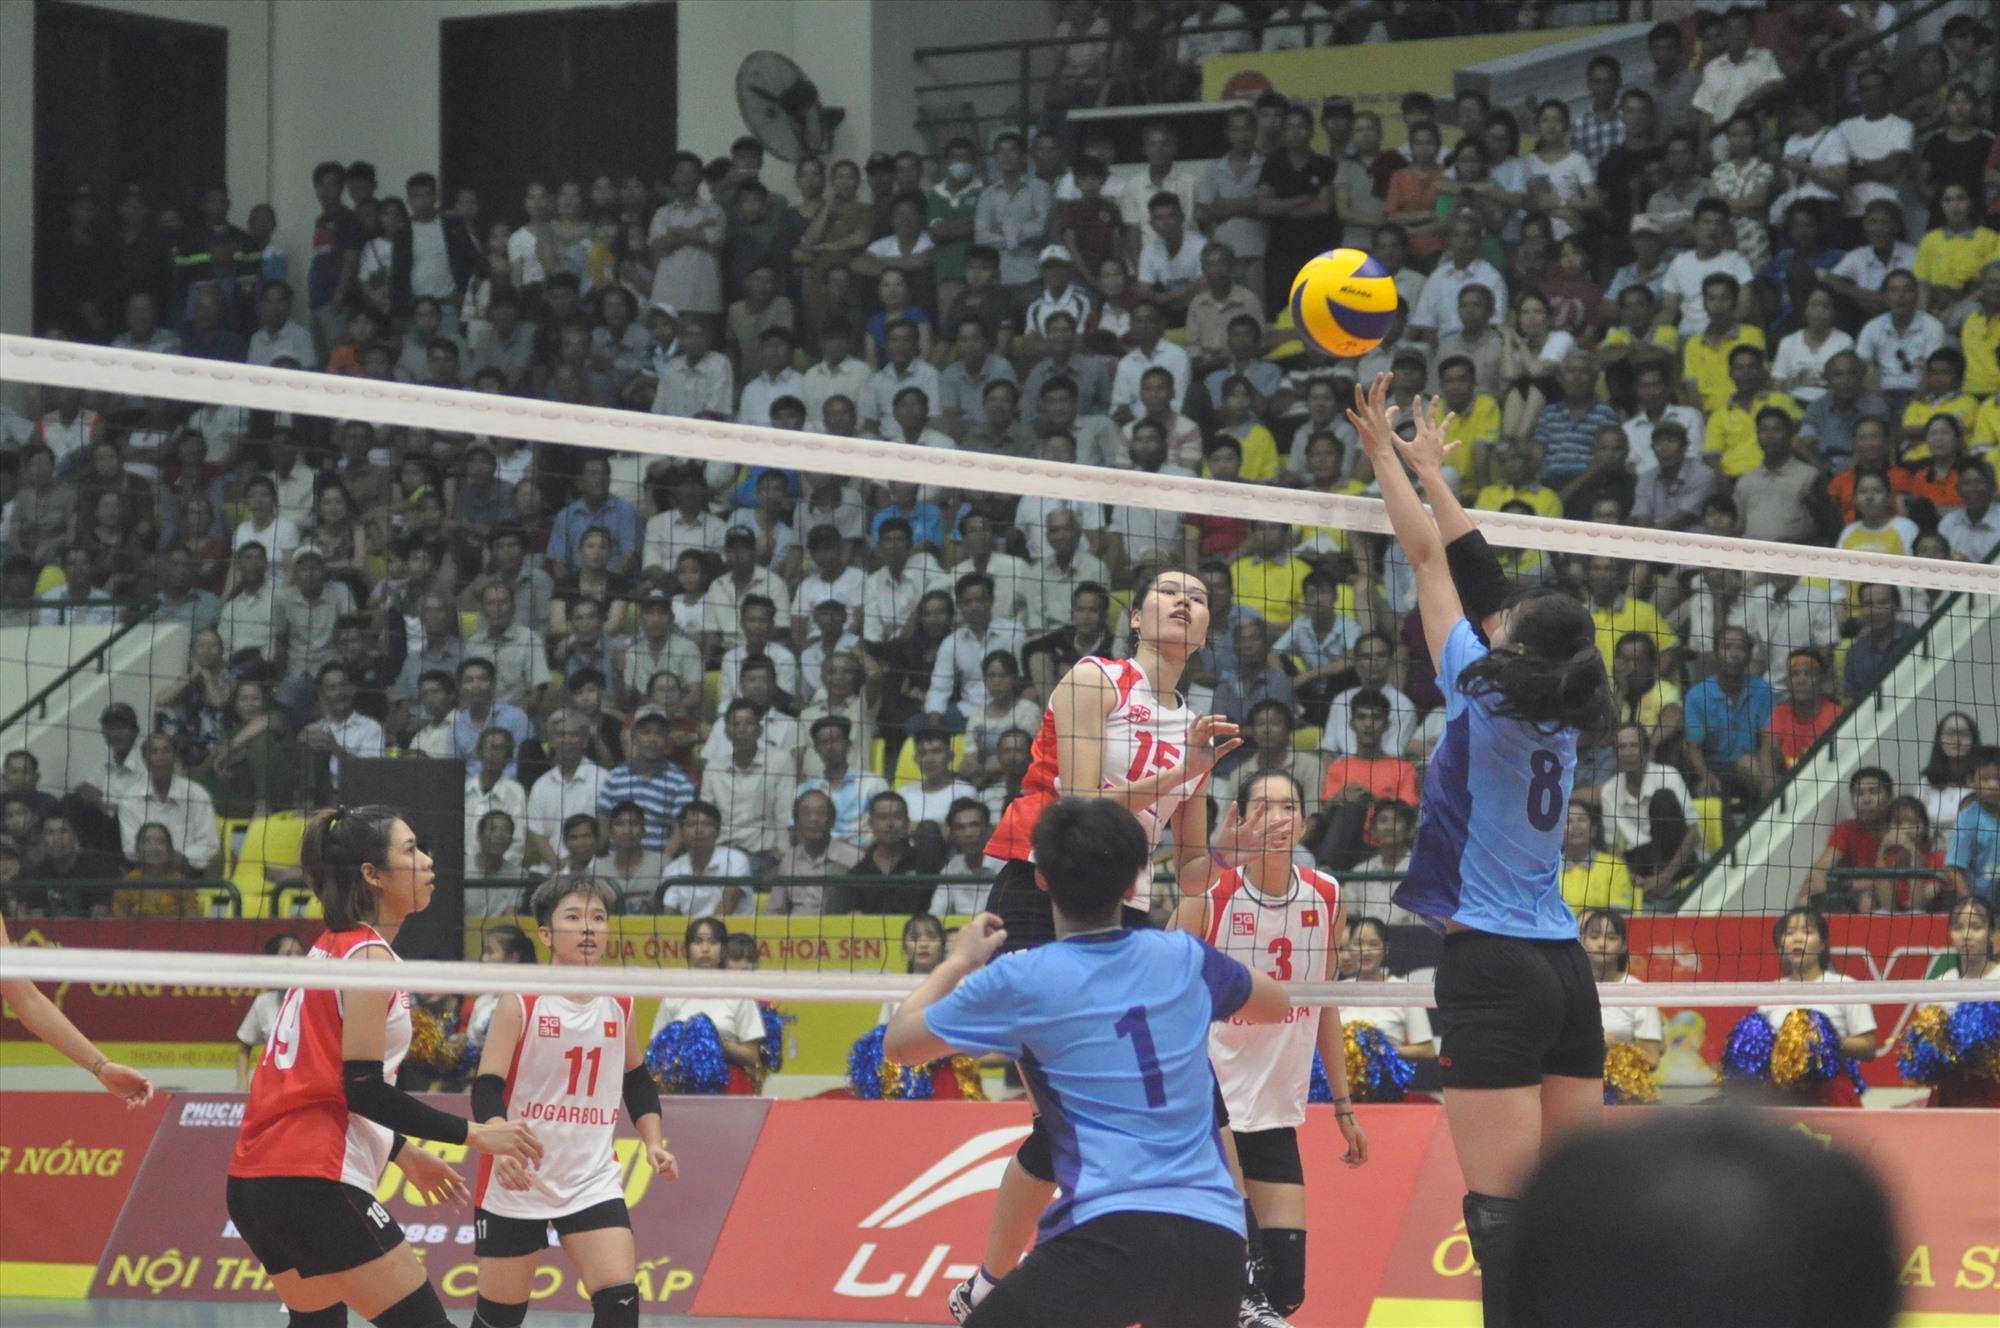 Giải bóng chuyền quốc tế VTV Cup diễn ra tại Quảng Nam được xem là sự kiện lớn. Ảnh: T.VY